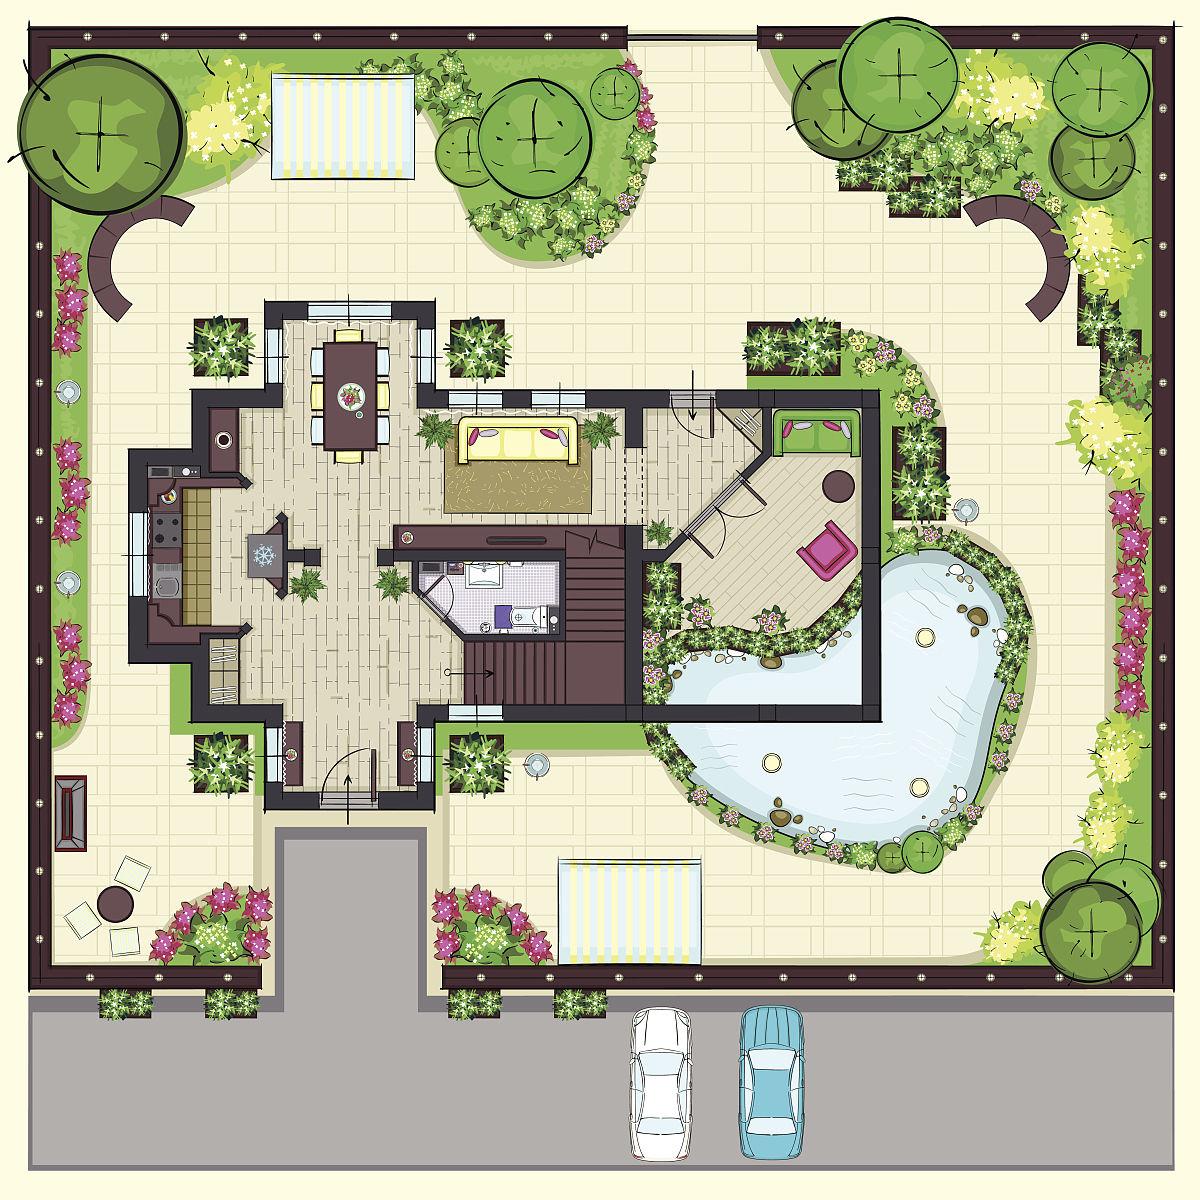 菜园,铅笔画,草图,建筑外部,烤肉架,矢量,房地产,景观设计,别墅,围墙图片